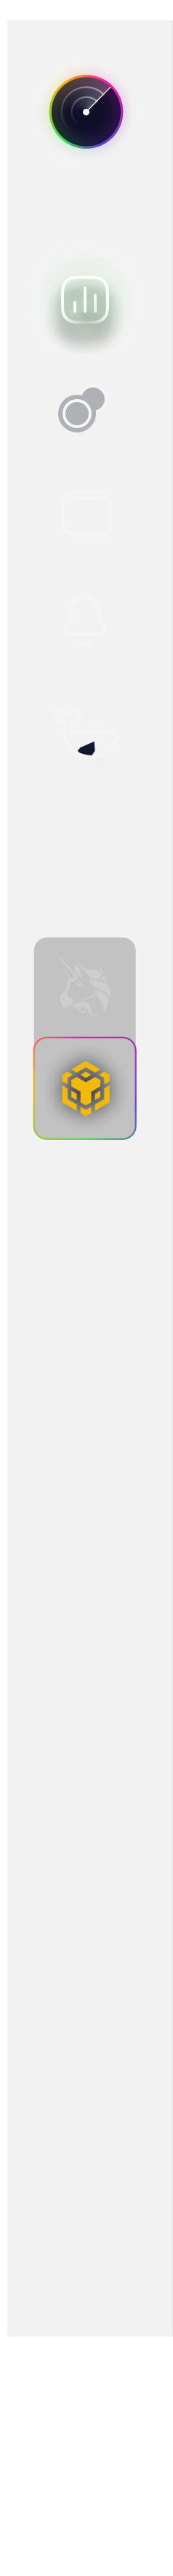 Sonar crypto platform sidebar menu screenshot